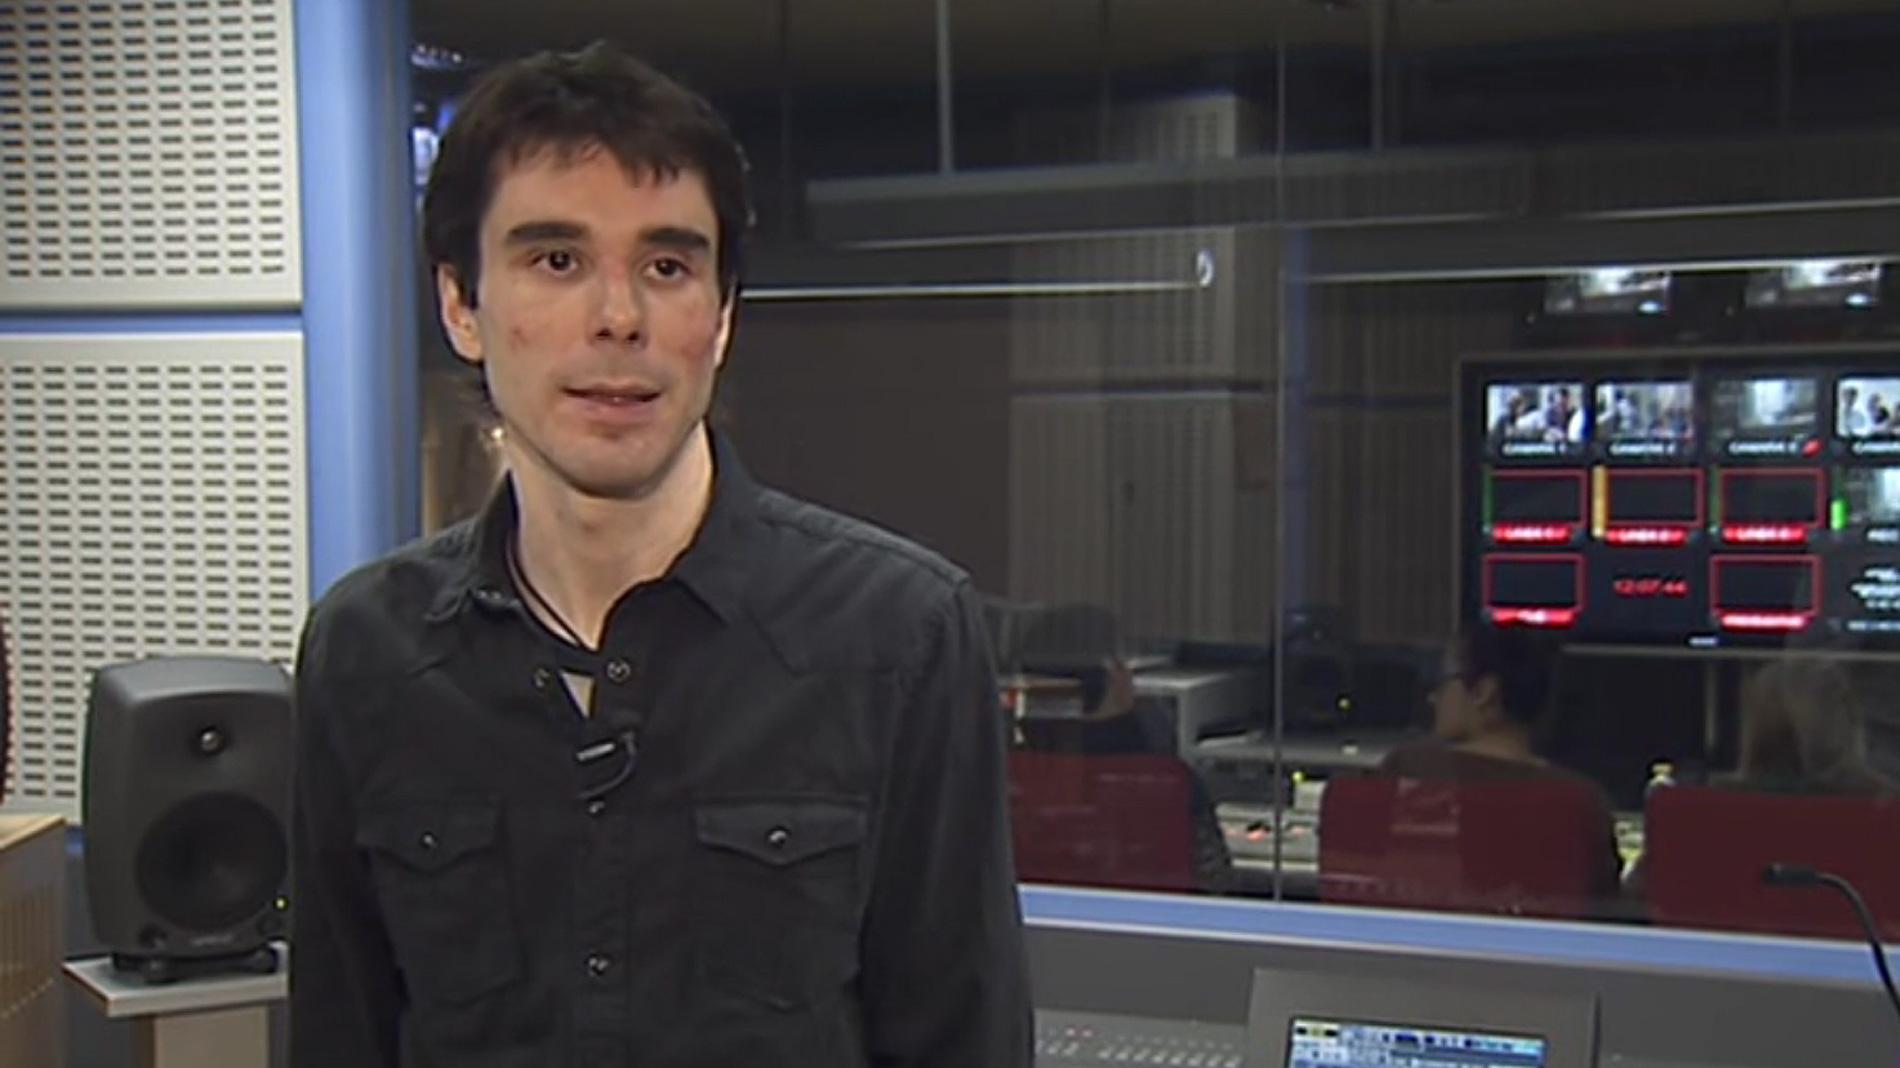 El corto 'Voces' de Ander Pardo, trabajo de fin de curso en el Instituto RTVE, premiado en MovieScreenPro